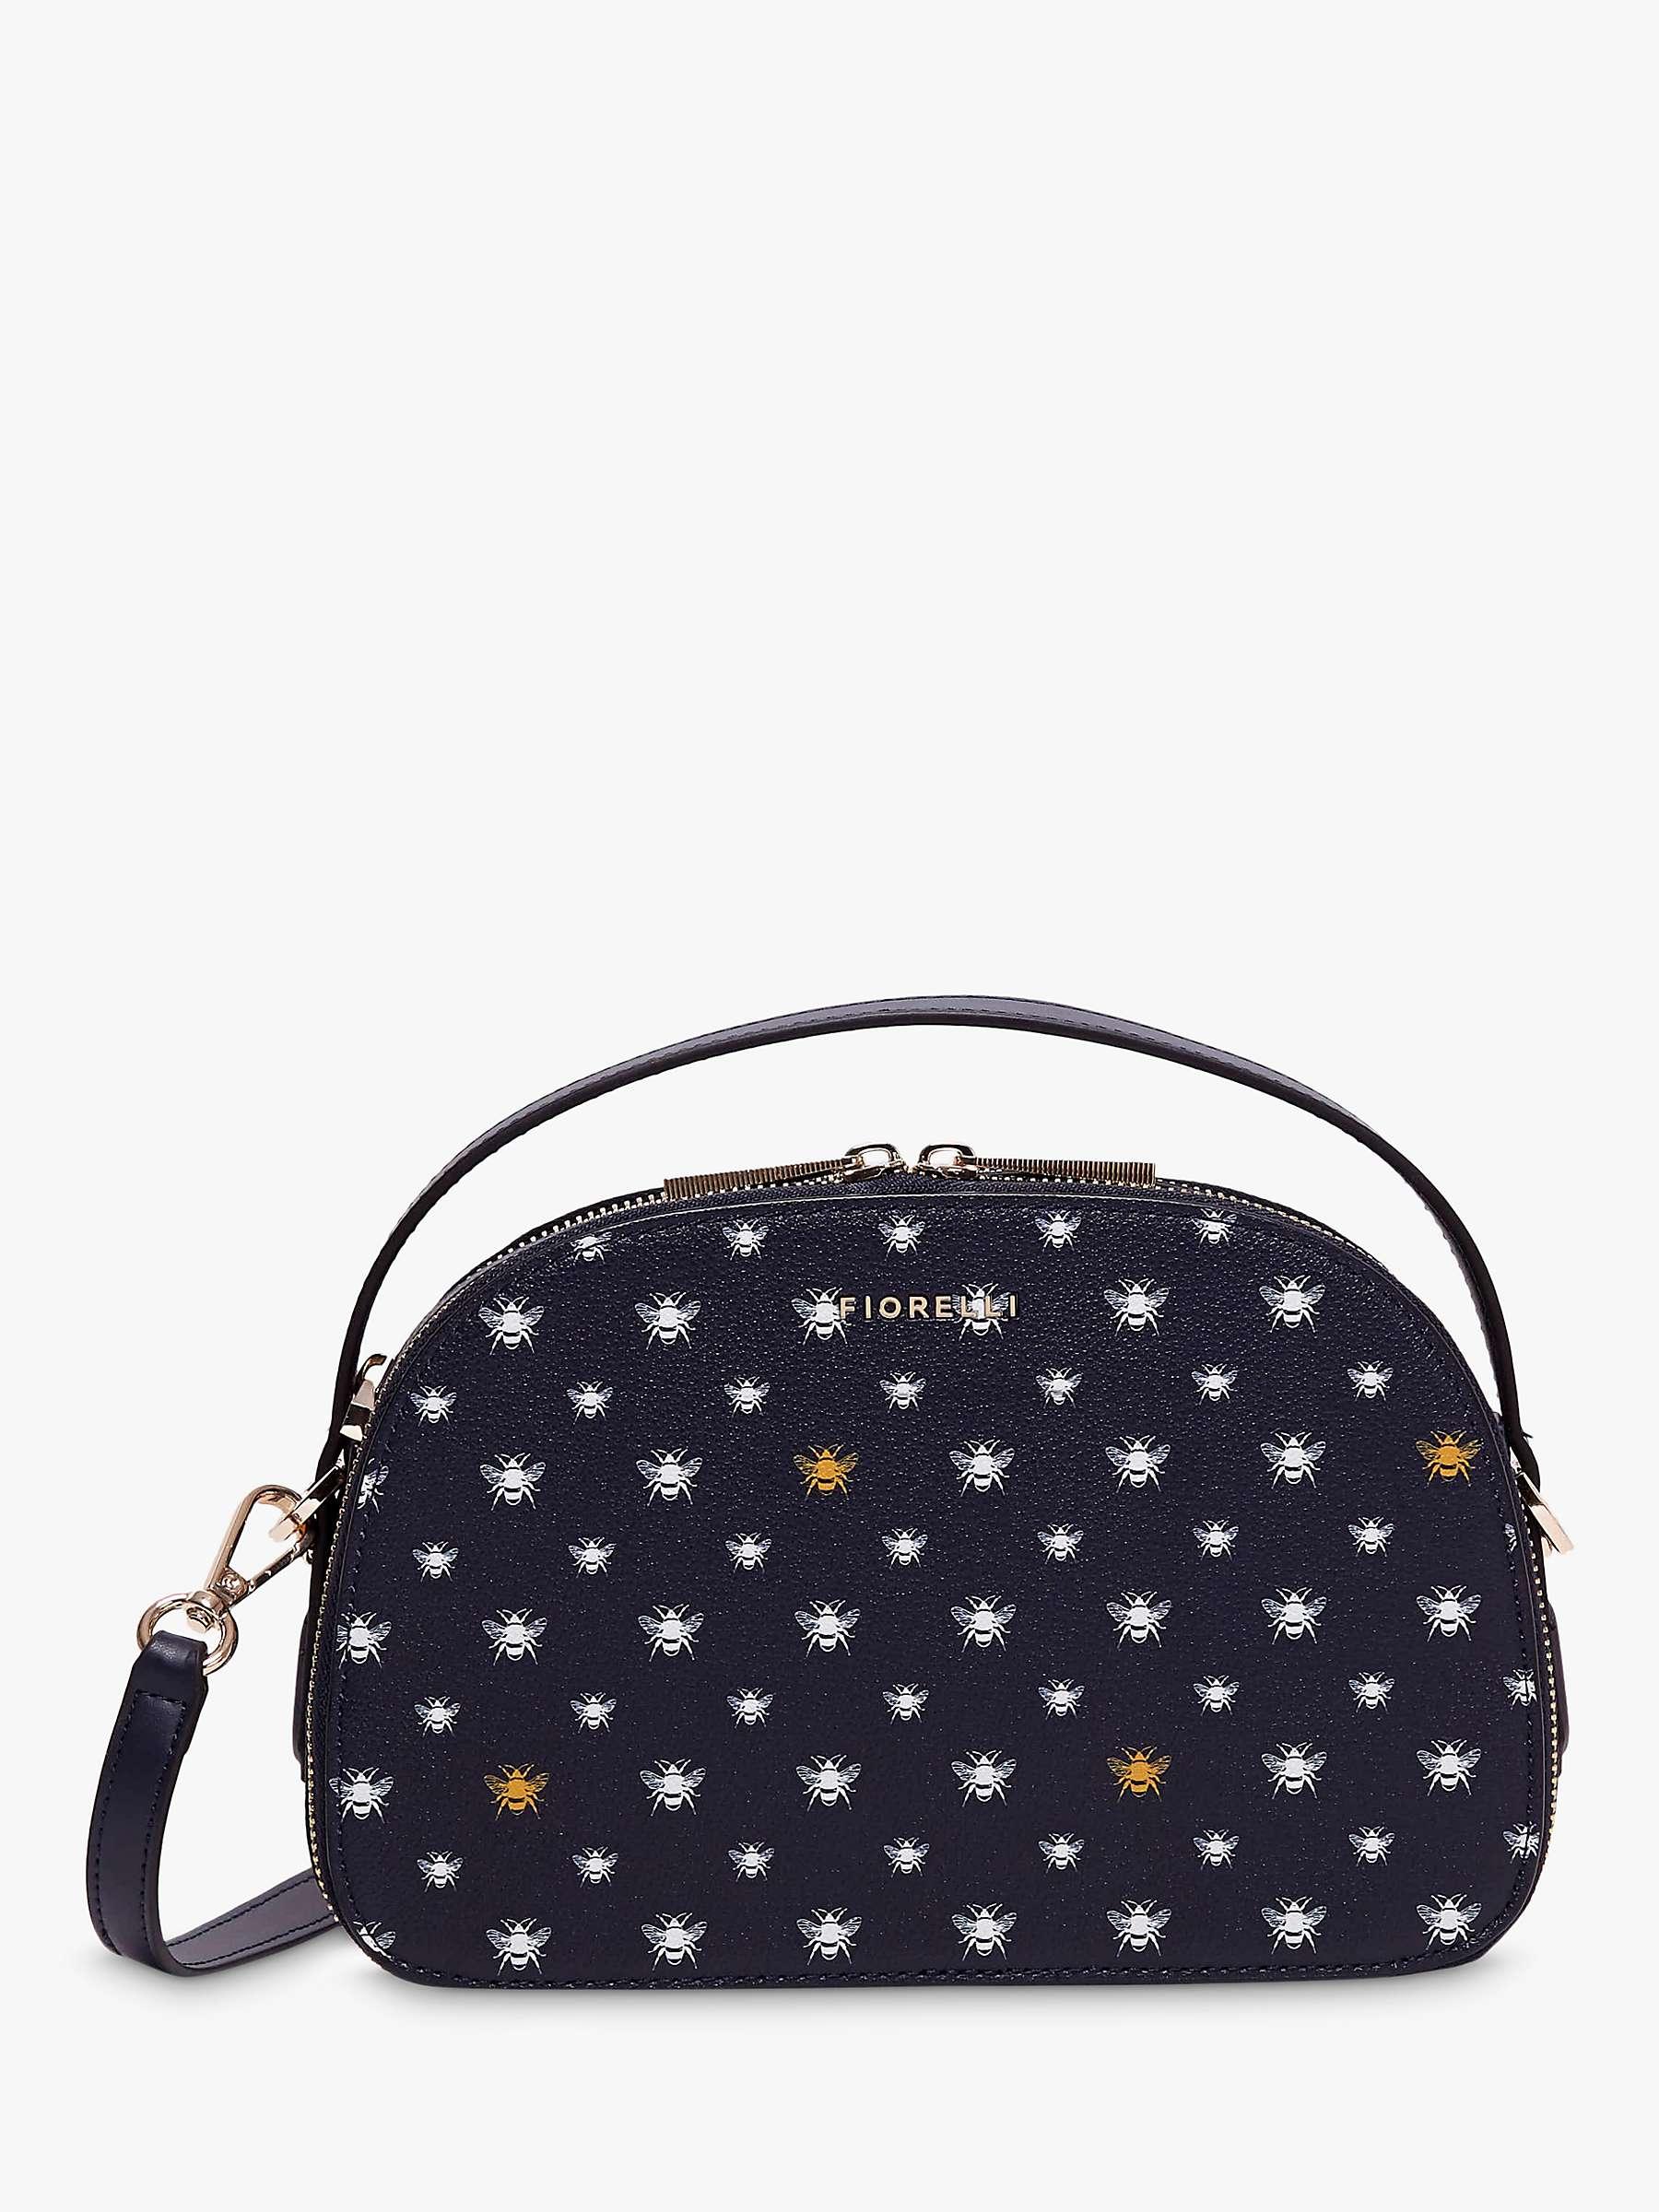 Fiorelli Cosmos Bee Cross Body Bag